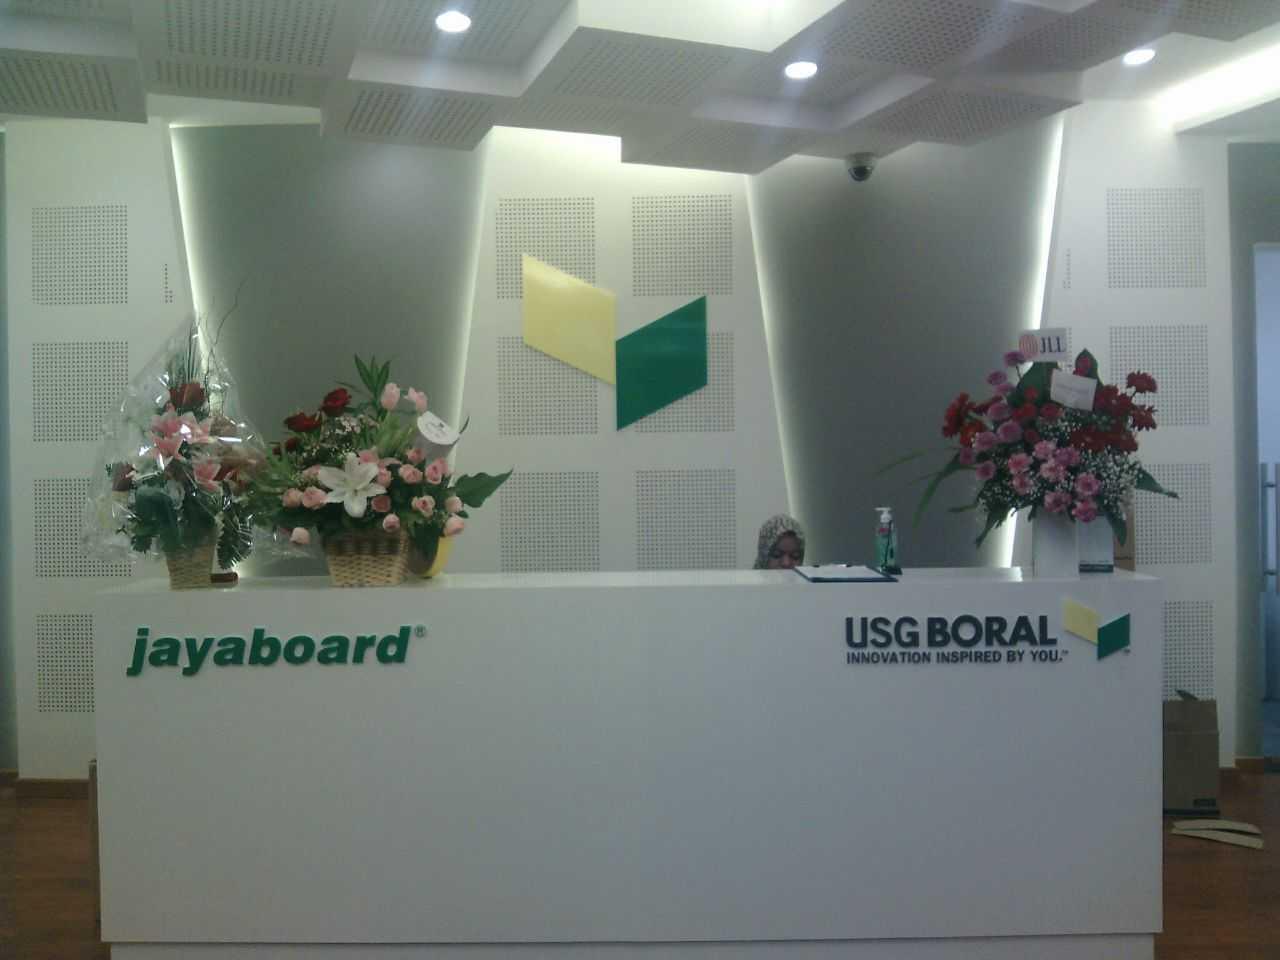 Arsindo Cipta Karya Pt Boral Jayaboard Jakarta Jakarta Reception Area Minimalis  26146